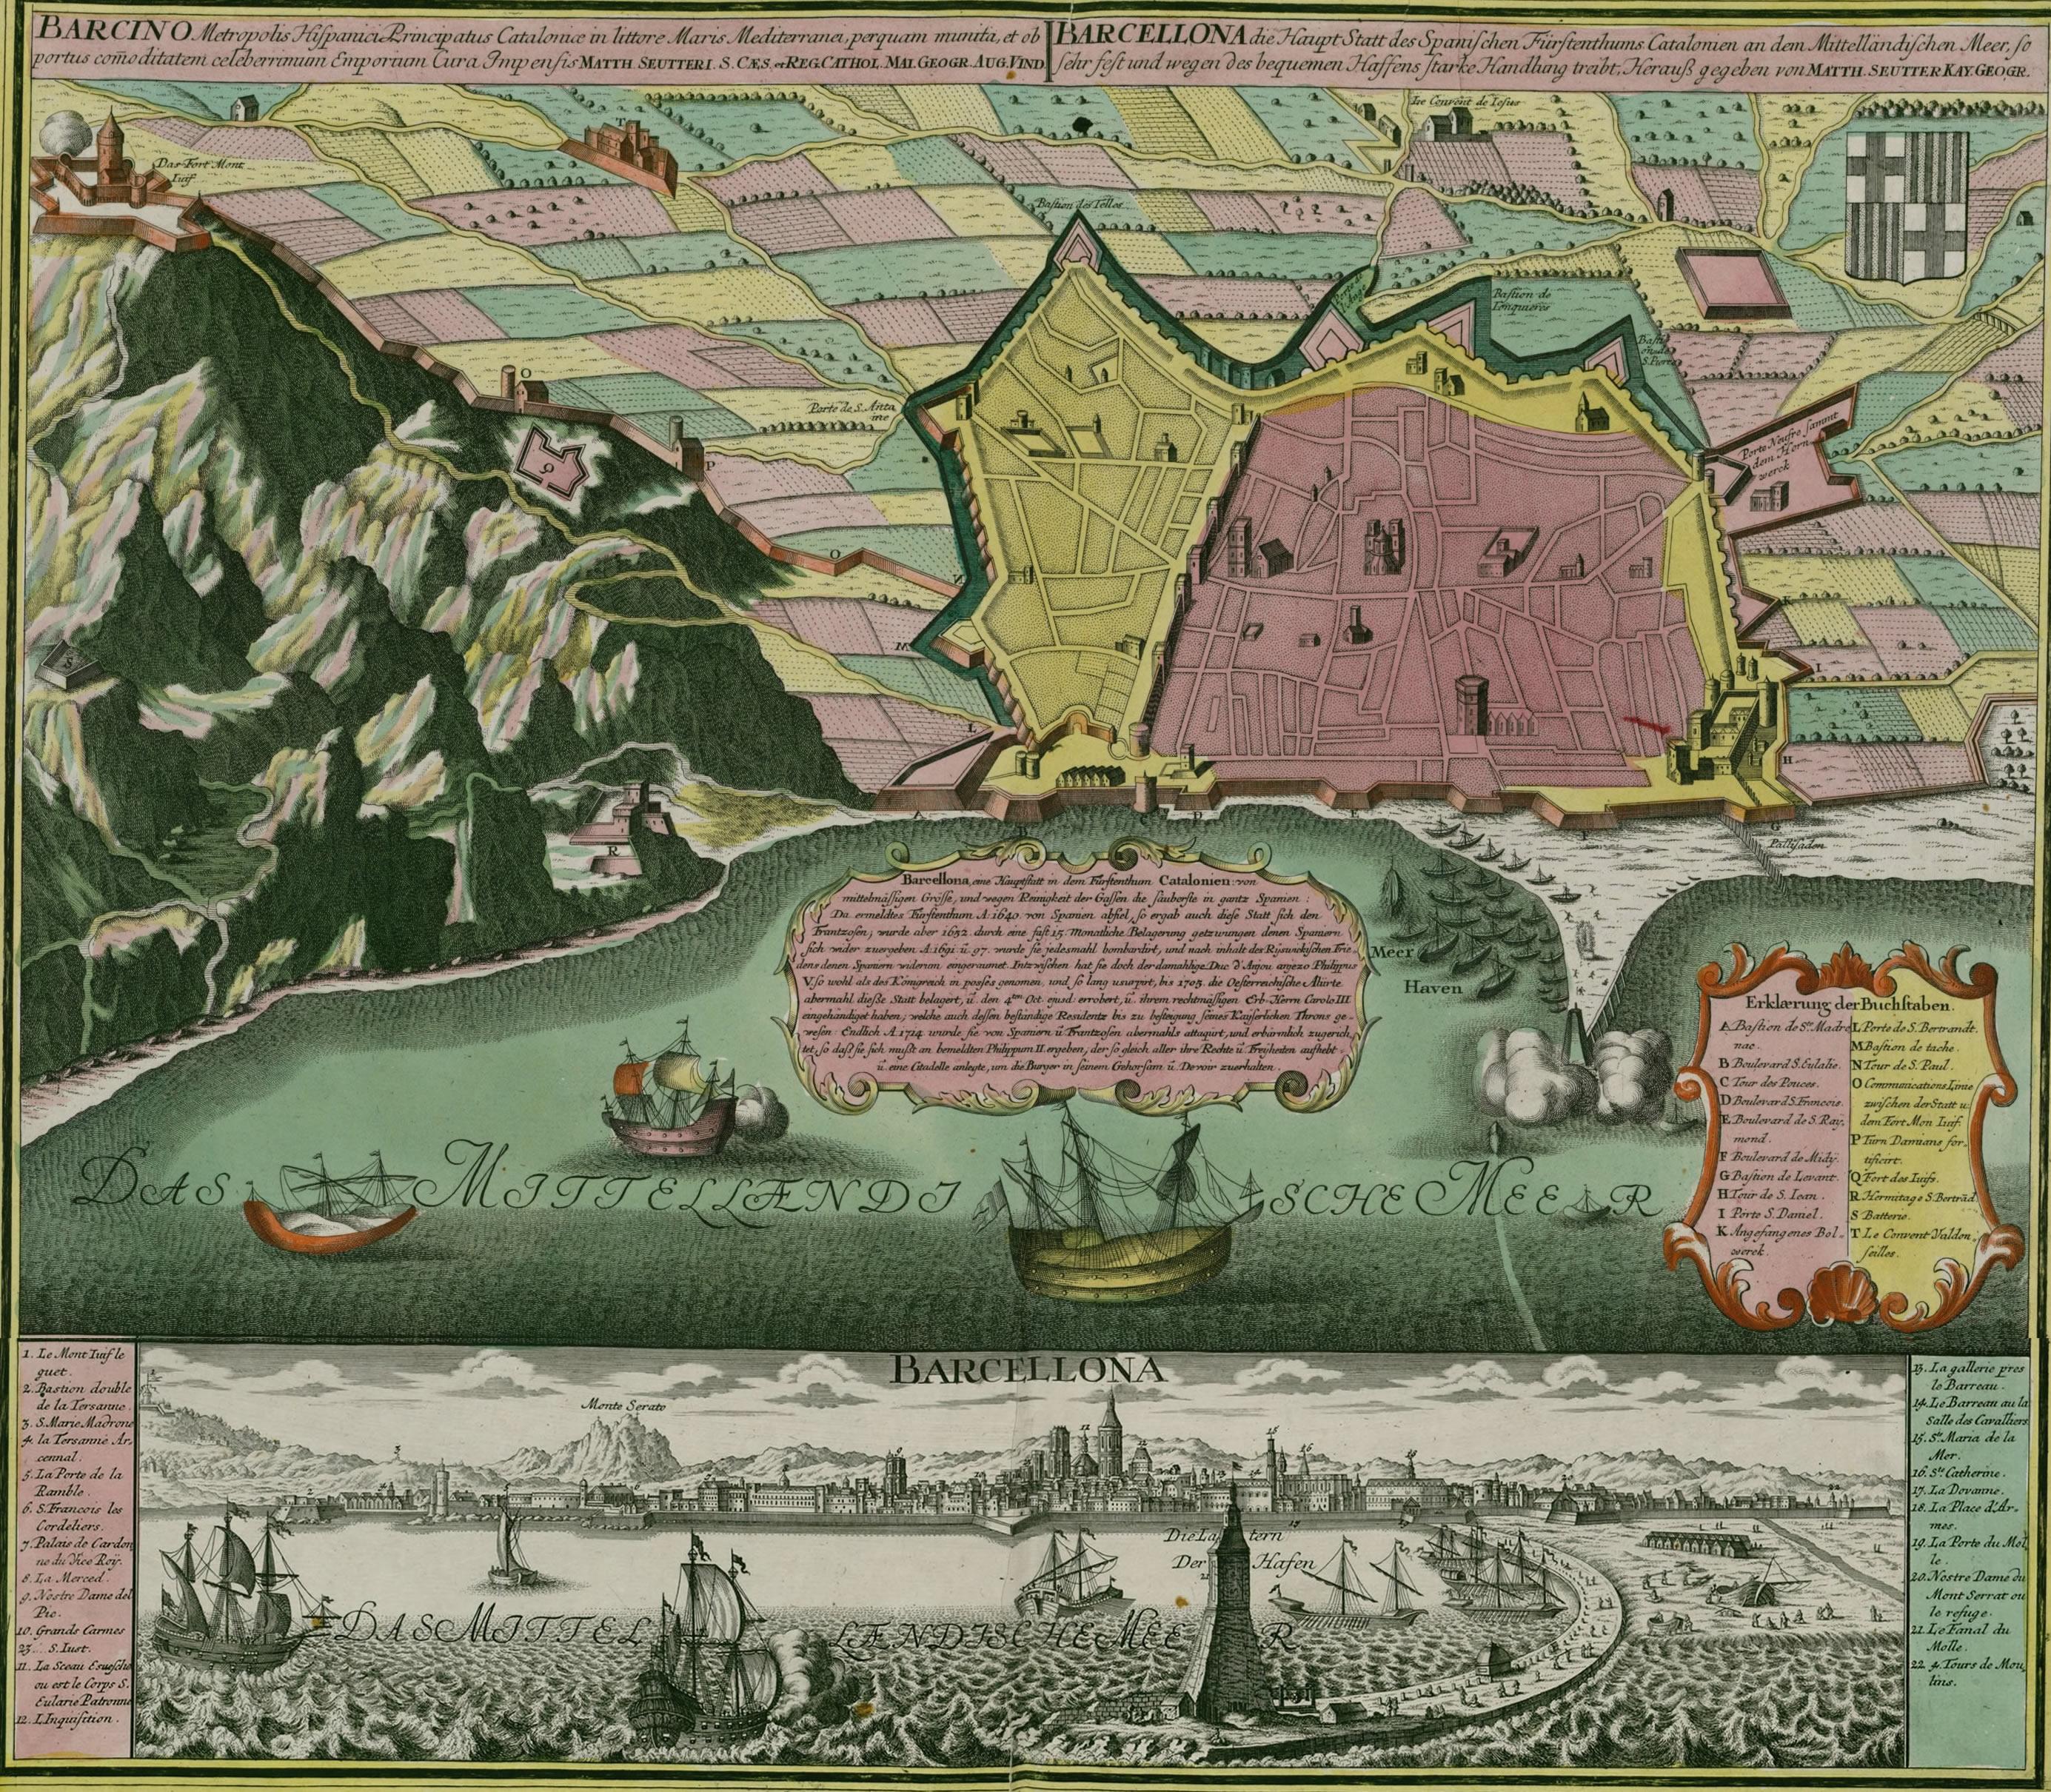 Barcelona in 1750